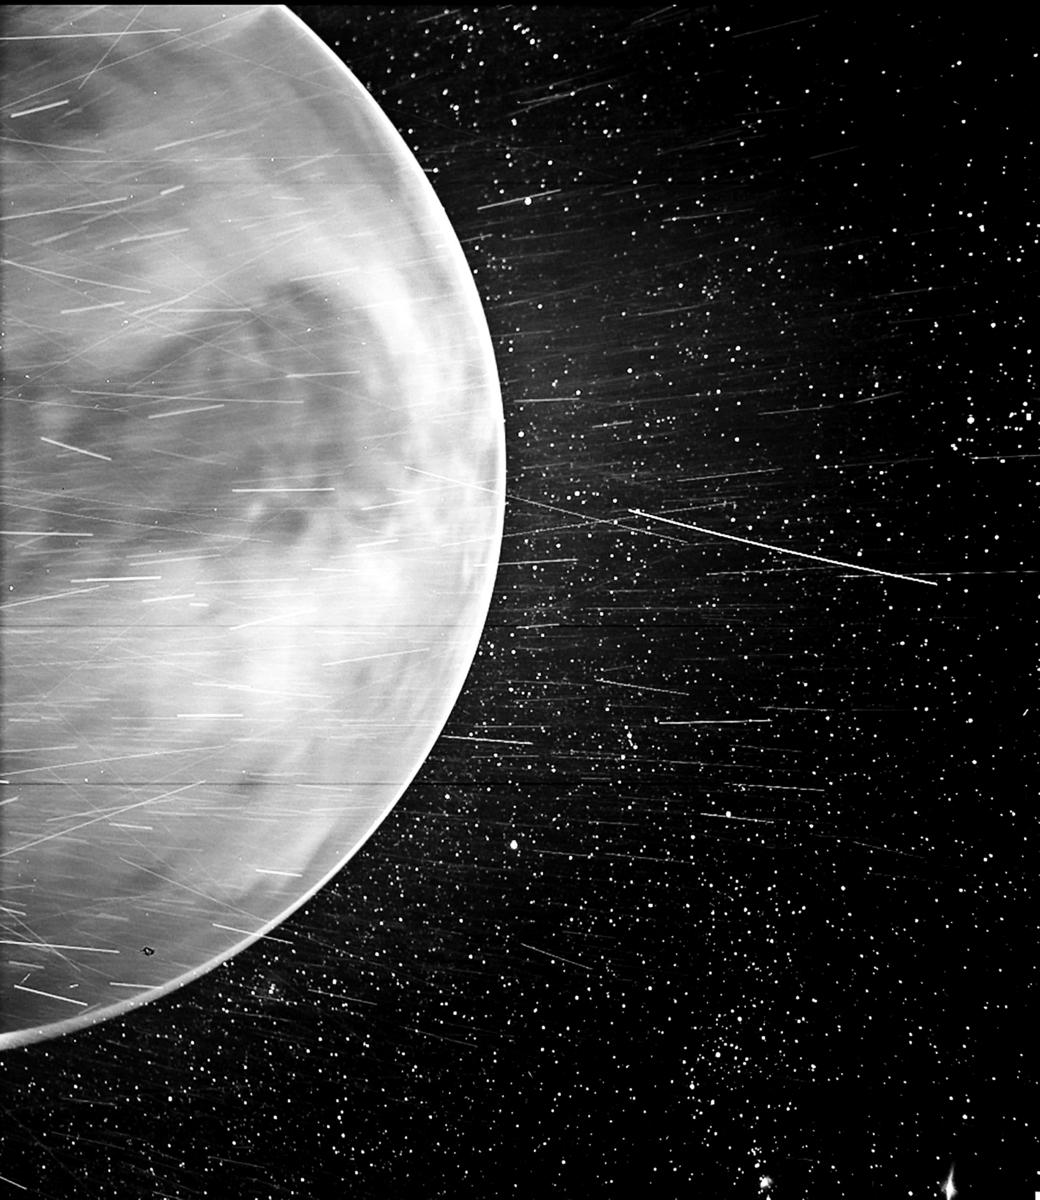 美國太空總署(NASA)2 月25 日發佈了這張照片,展示了帕克探測器拍到的金星。(NASA)